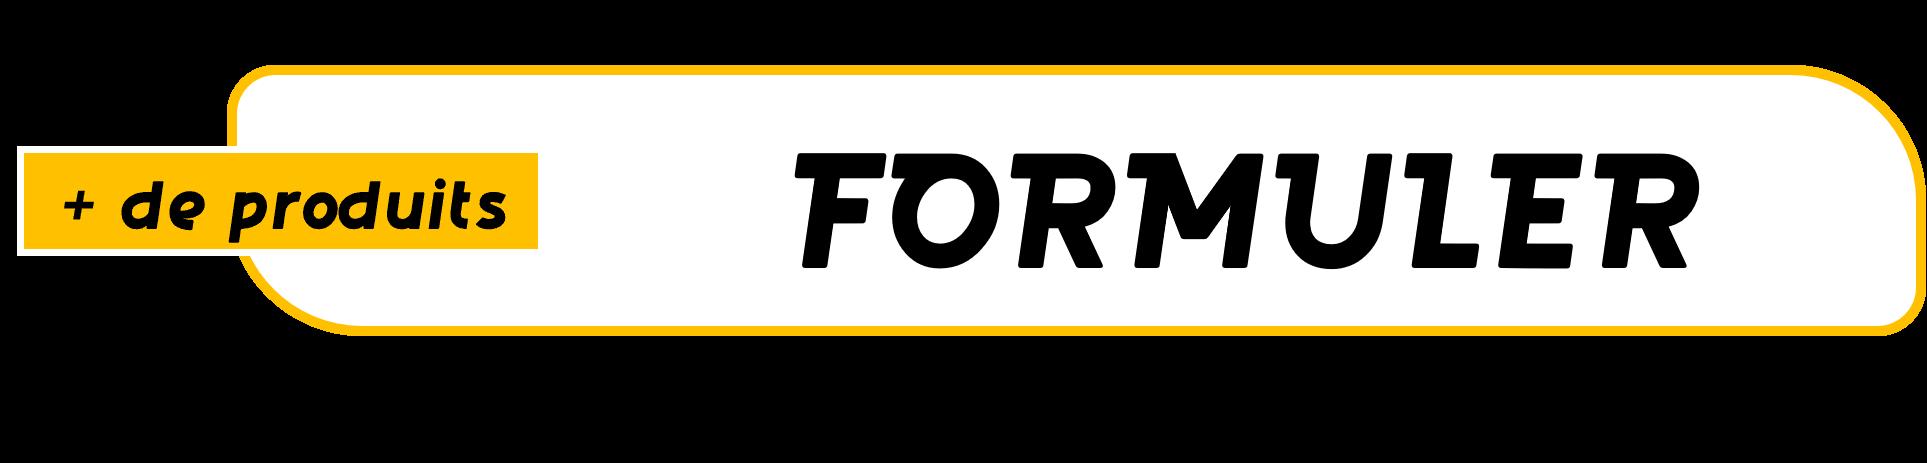 FORMULER